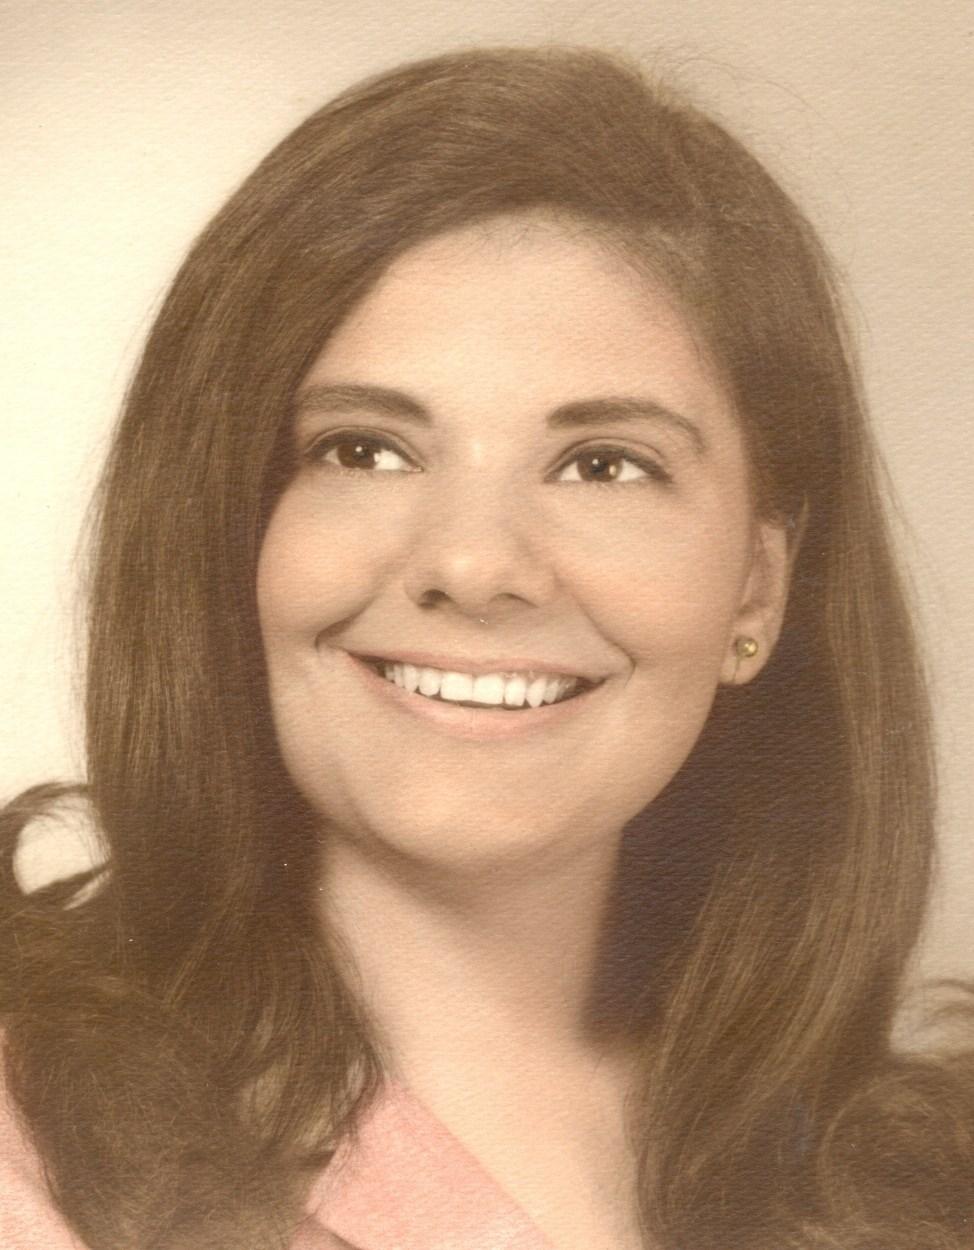 Marie Reba Obituary - Fall River, MA